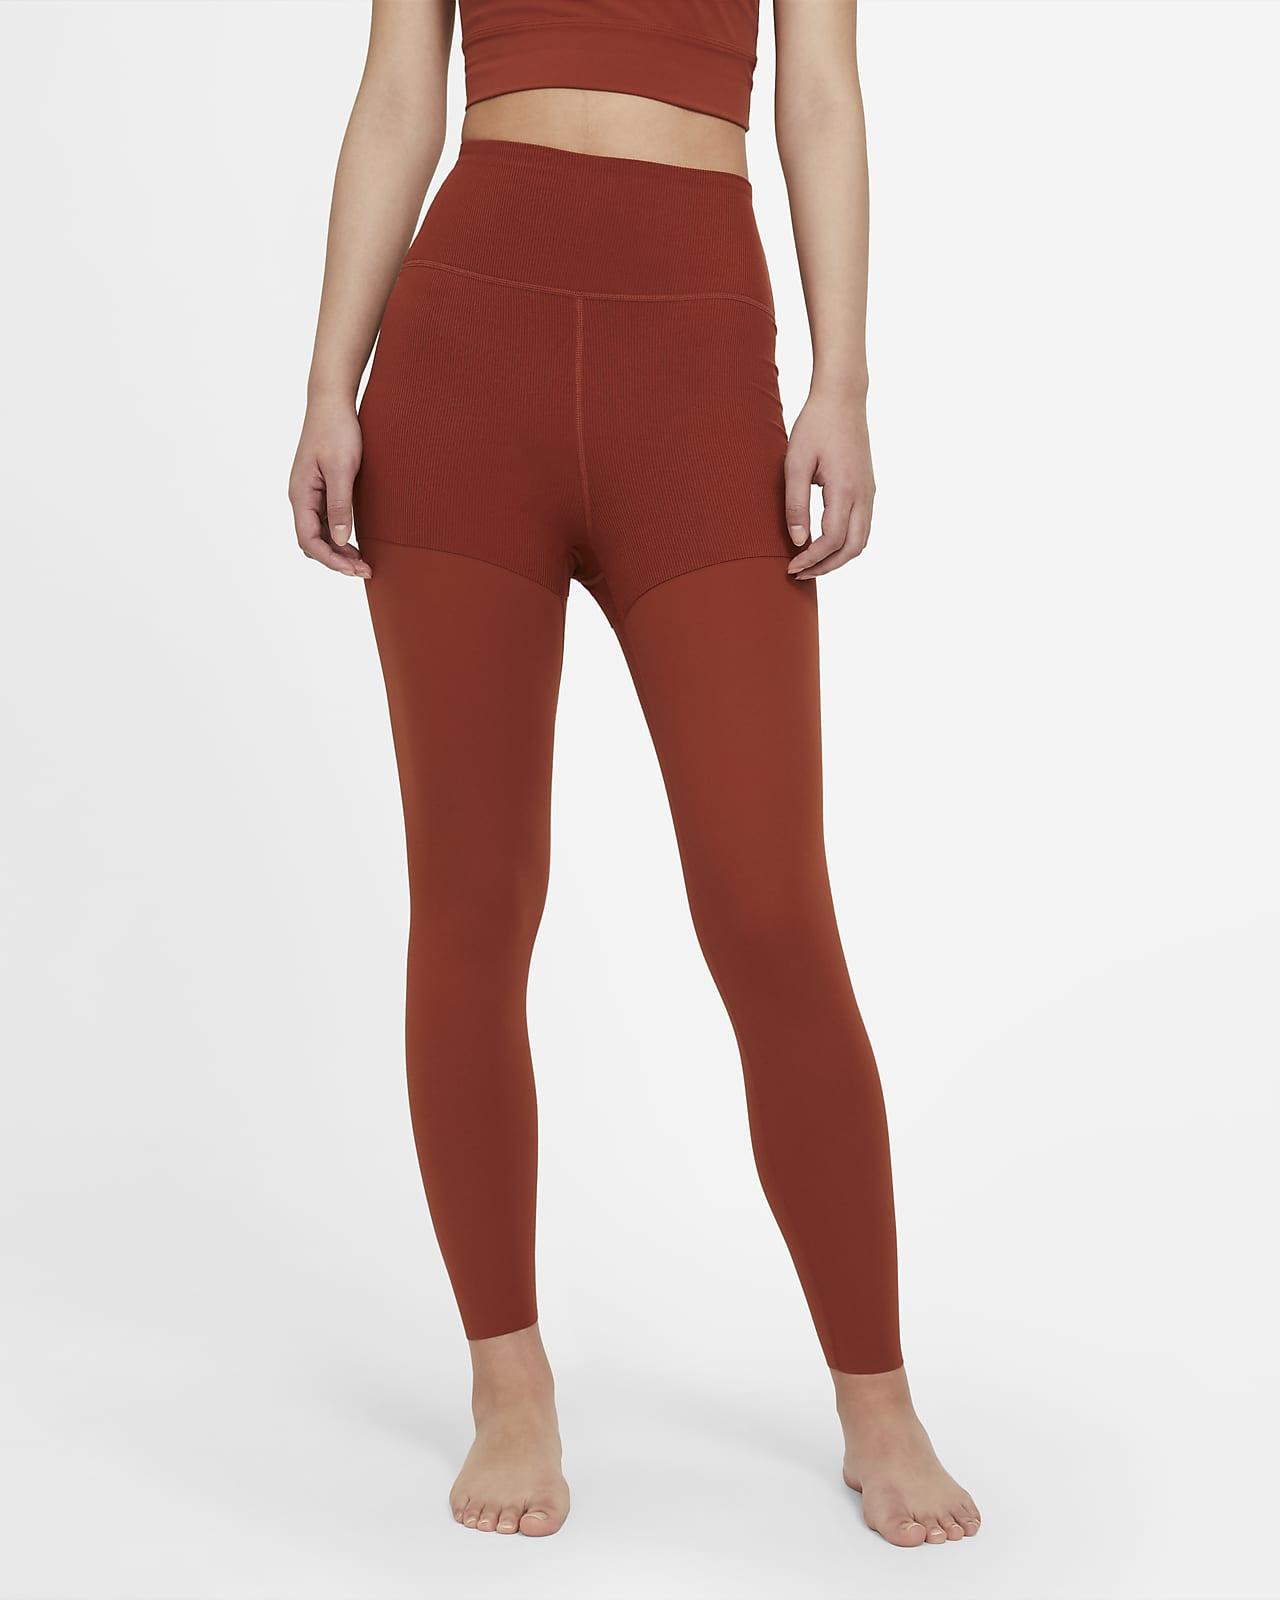 Nike Yoga Luxe Layered 女款九分內搭褲